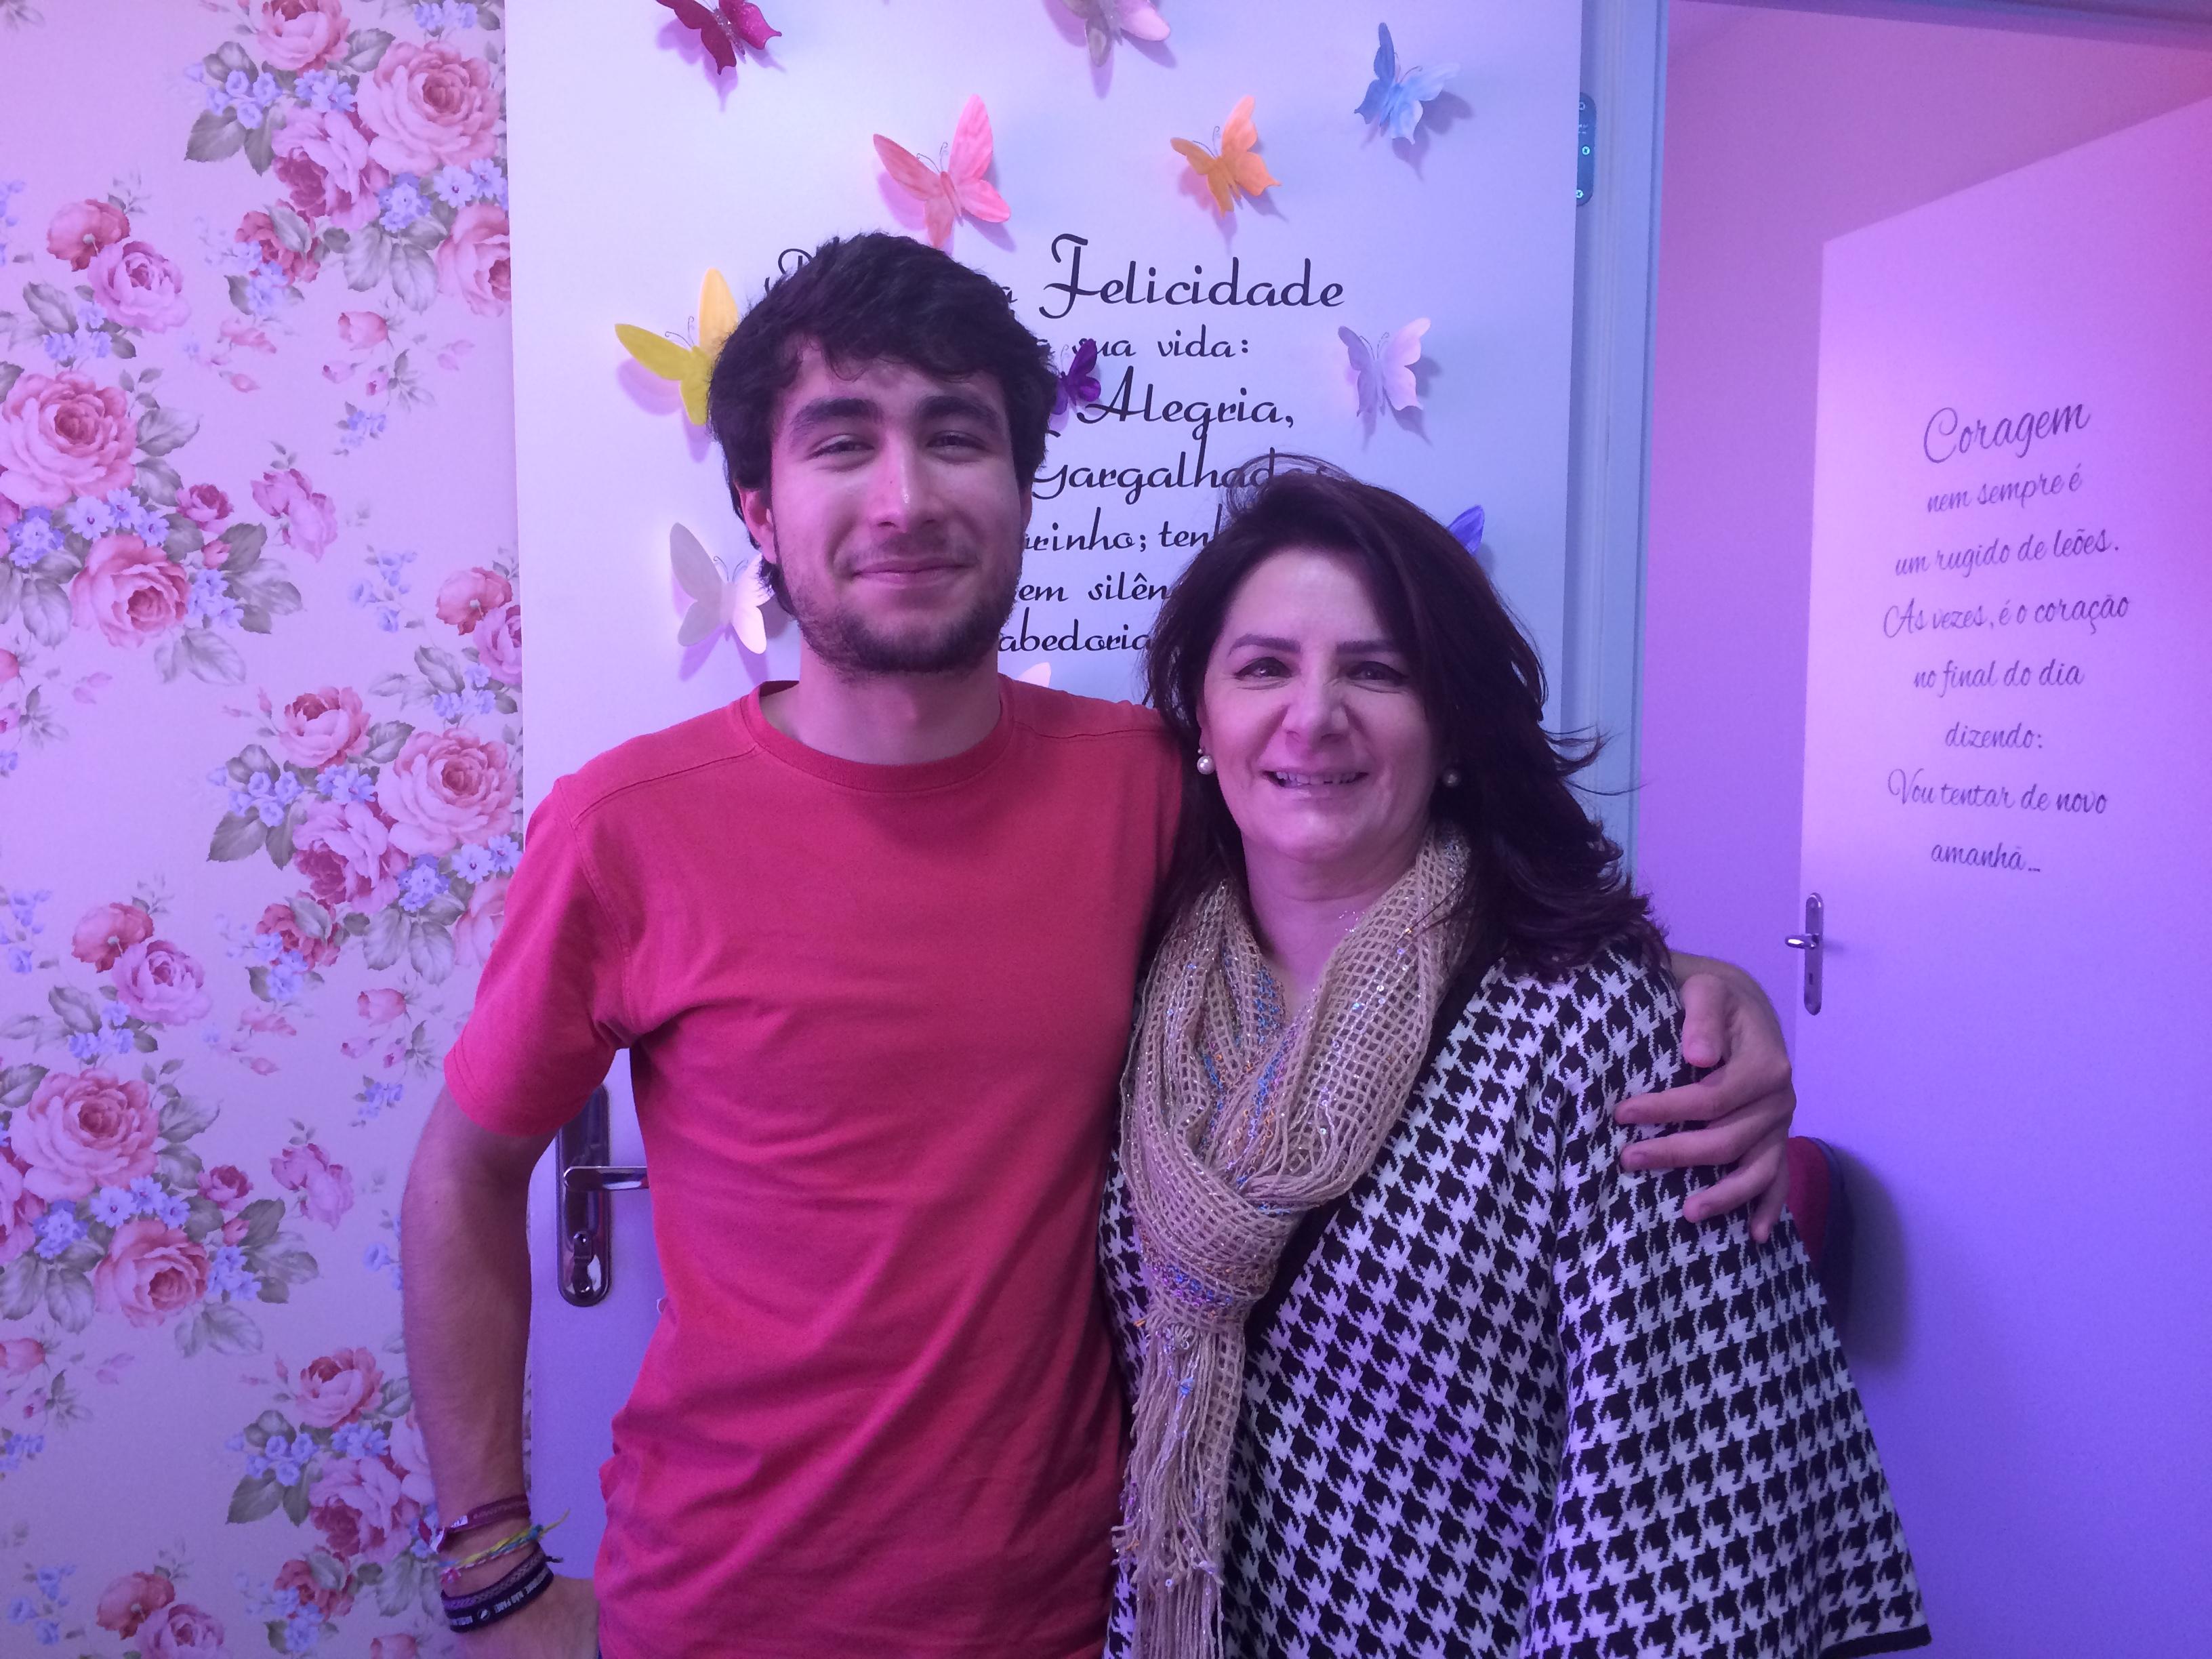 Angela Gardinalli com aluno